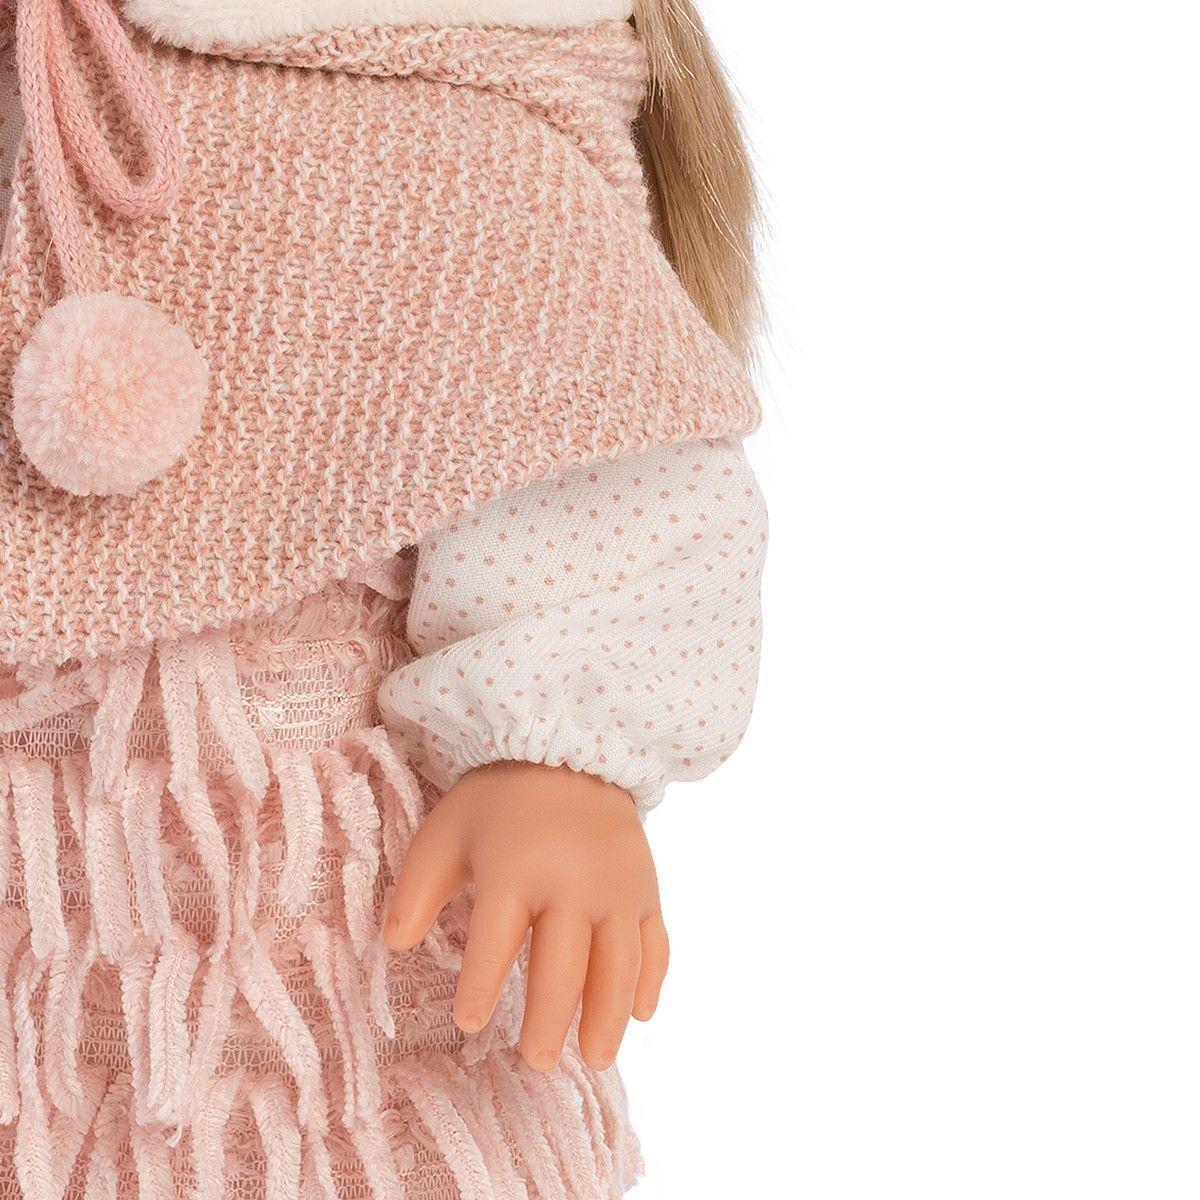 Кукла Елена 35 см, блондинка в розовом костюме (LLORENS, Испания) - фото 5